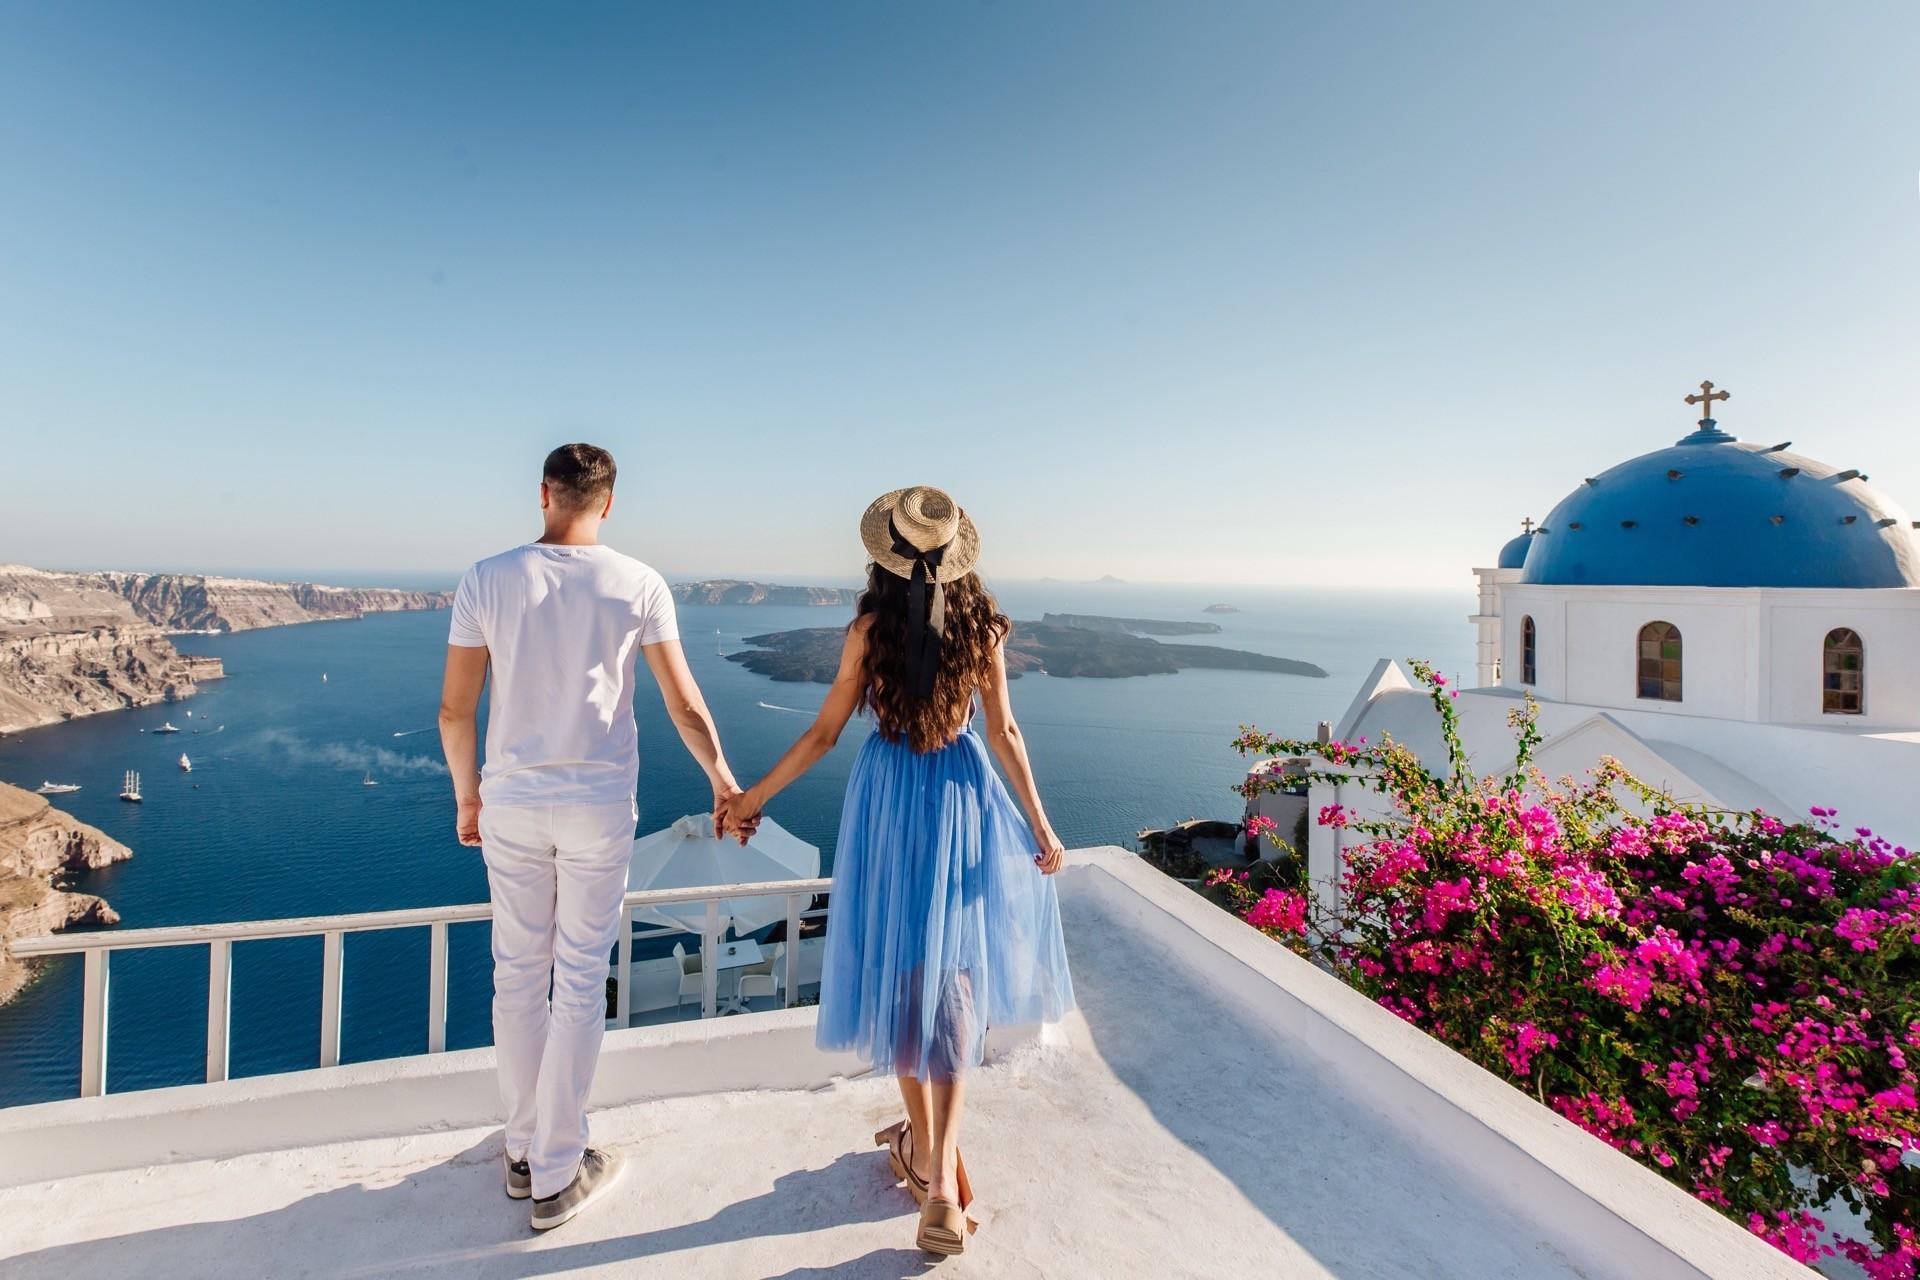 Heiratsantrag Im Urlaub Drei Verlobungsgeschichten An Strand Und Co